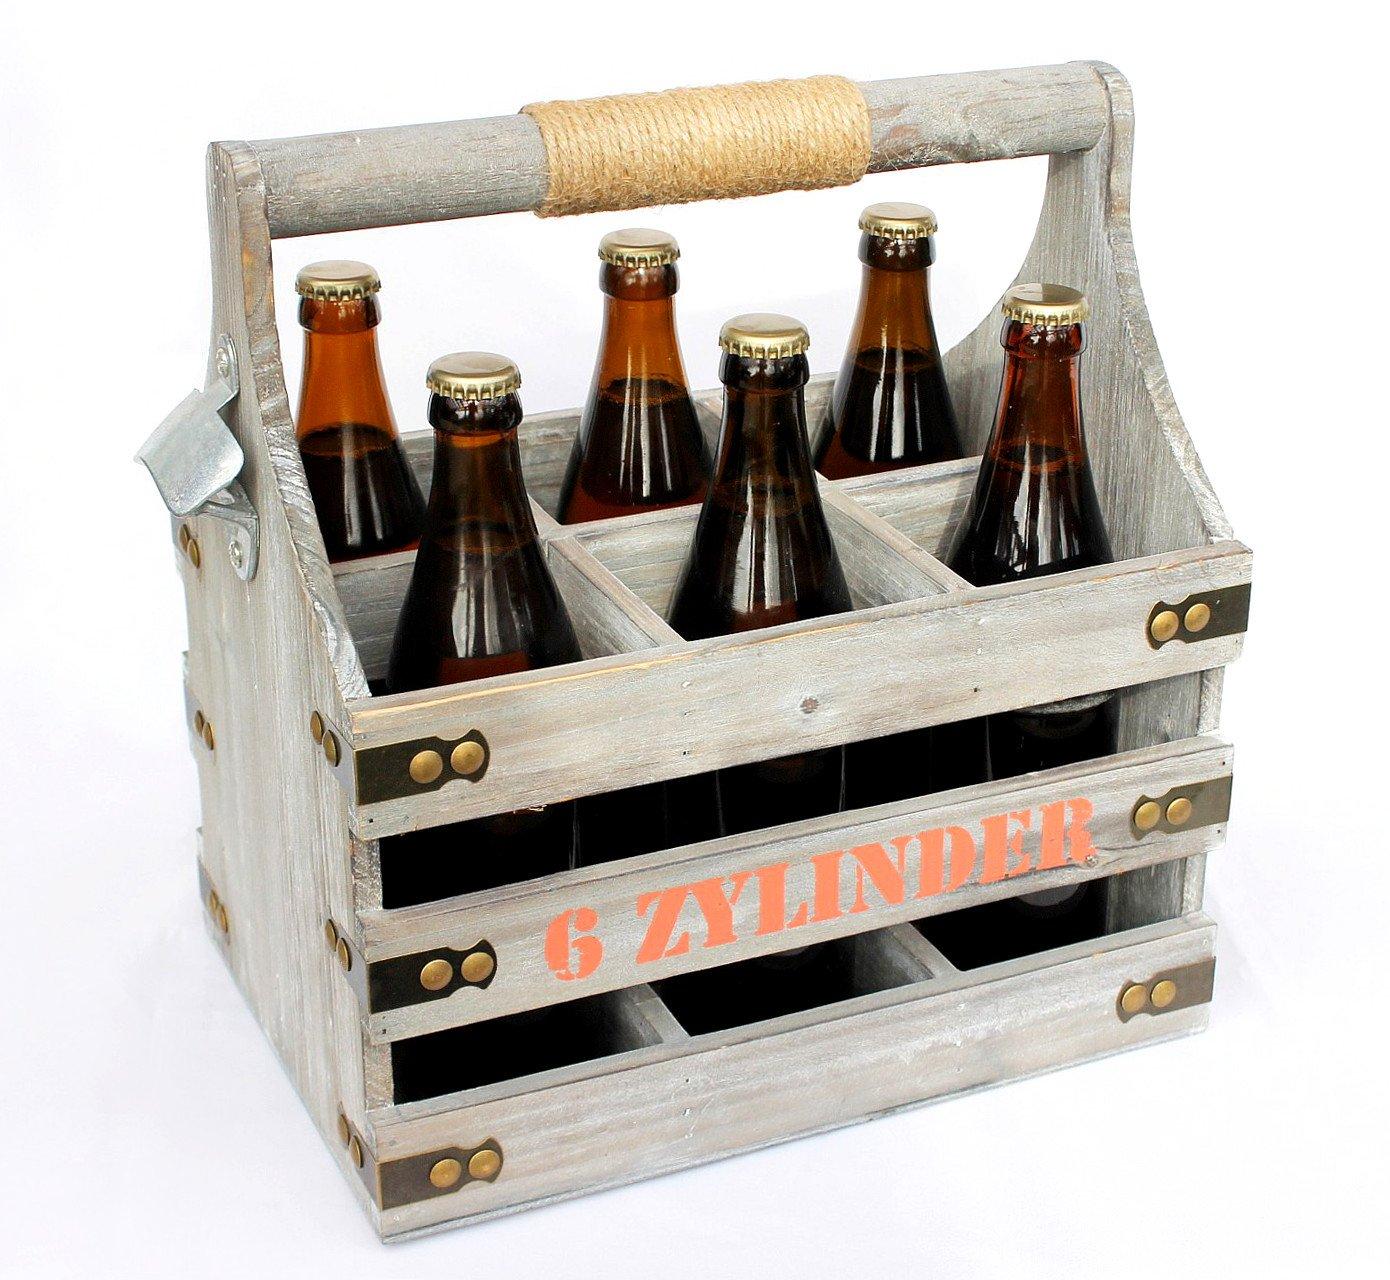 Flaschenträger für 0,33L Flaschenöffner Bierkasten Bier Träger Flaschenkorb